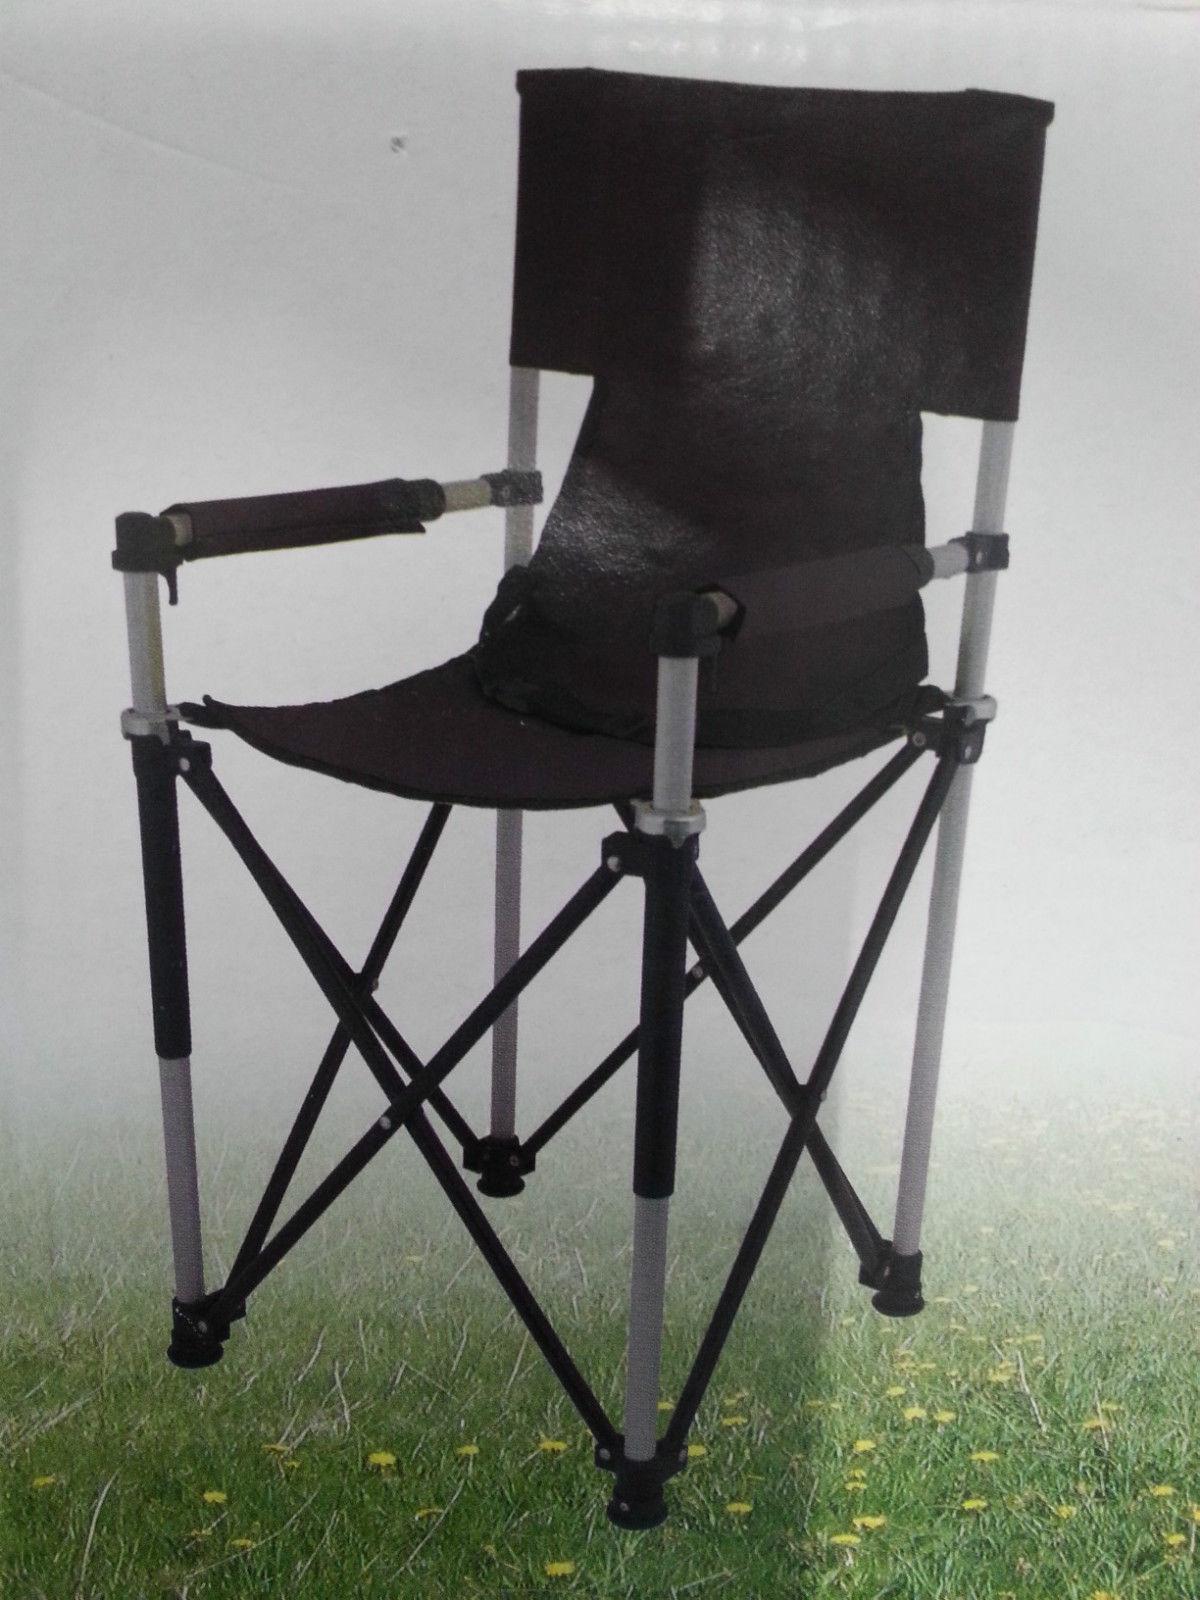 faltstuhl f r kinder kinderfaltstuhl stuhl camping. Black Bedroom Furniture Sets. Home Design Ideas